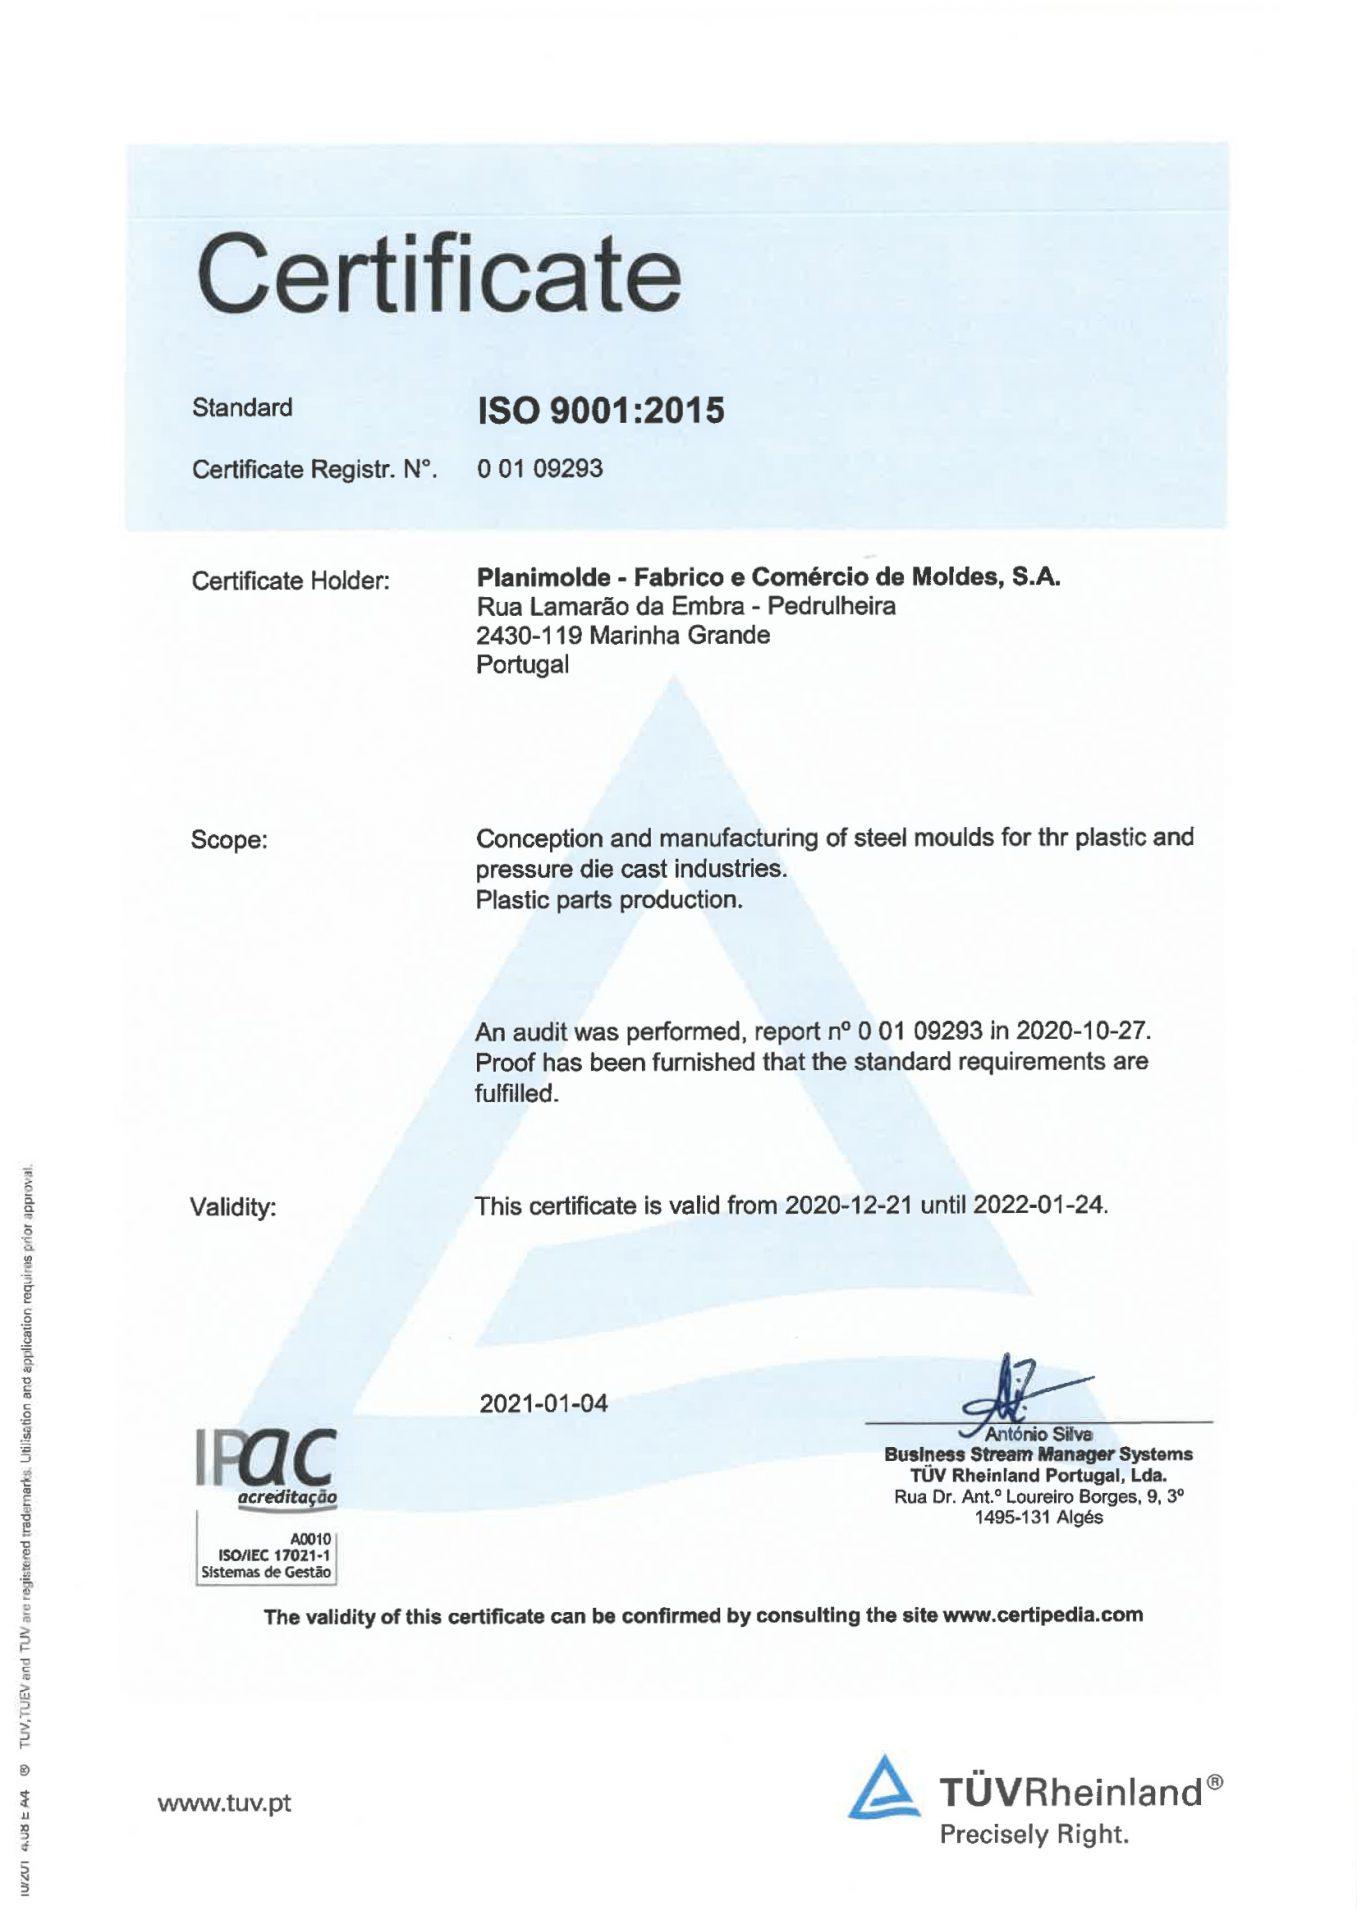 CertificadoISO9001 EN